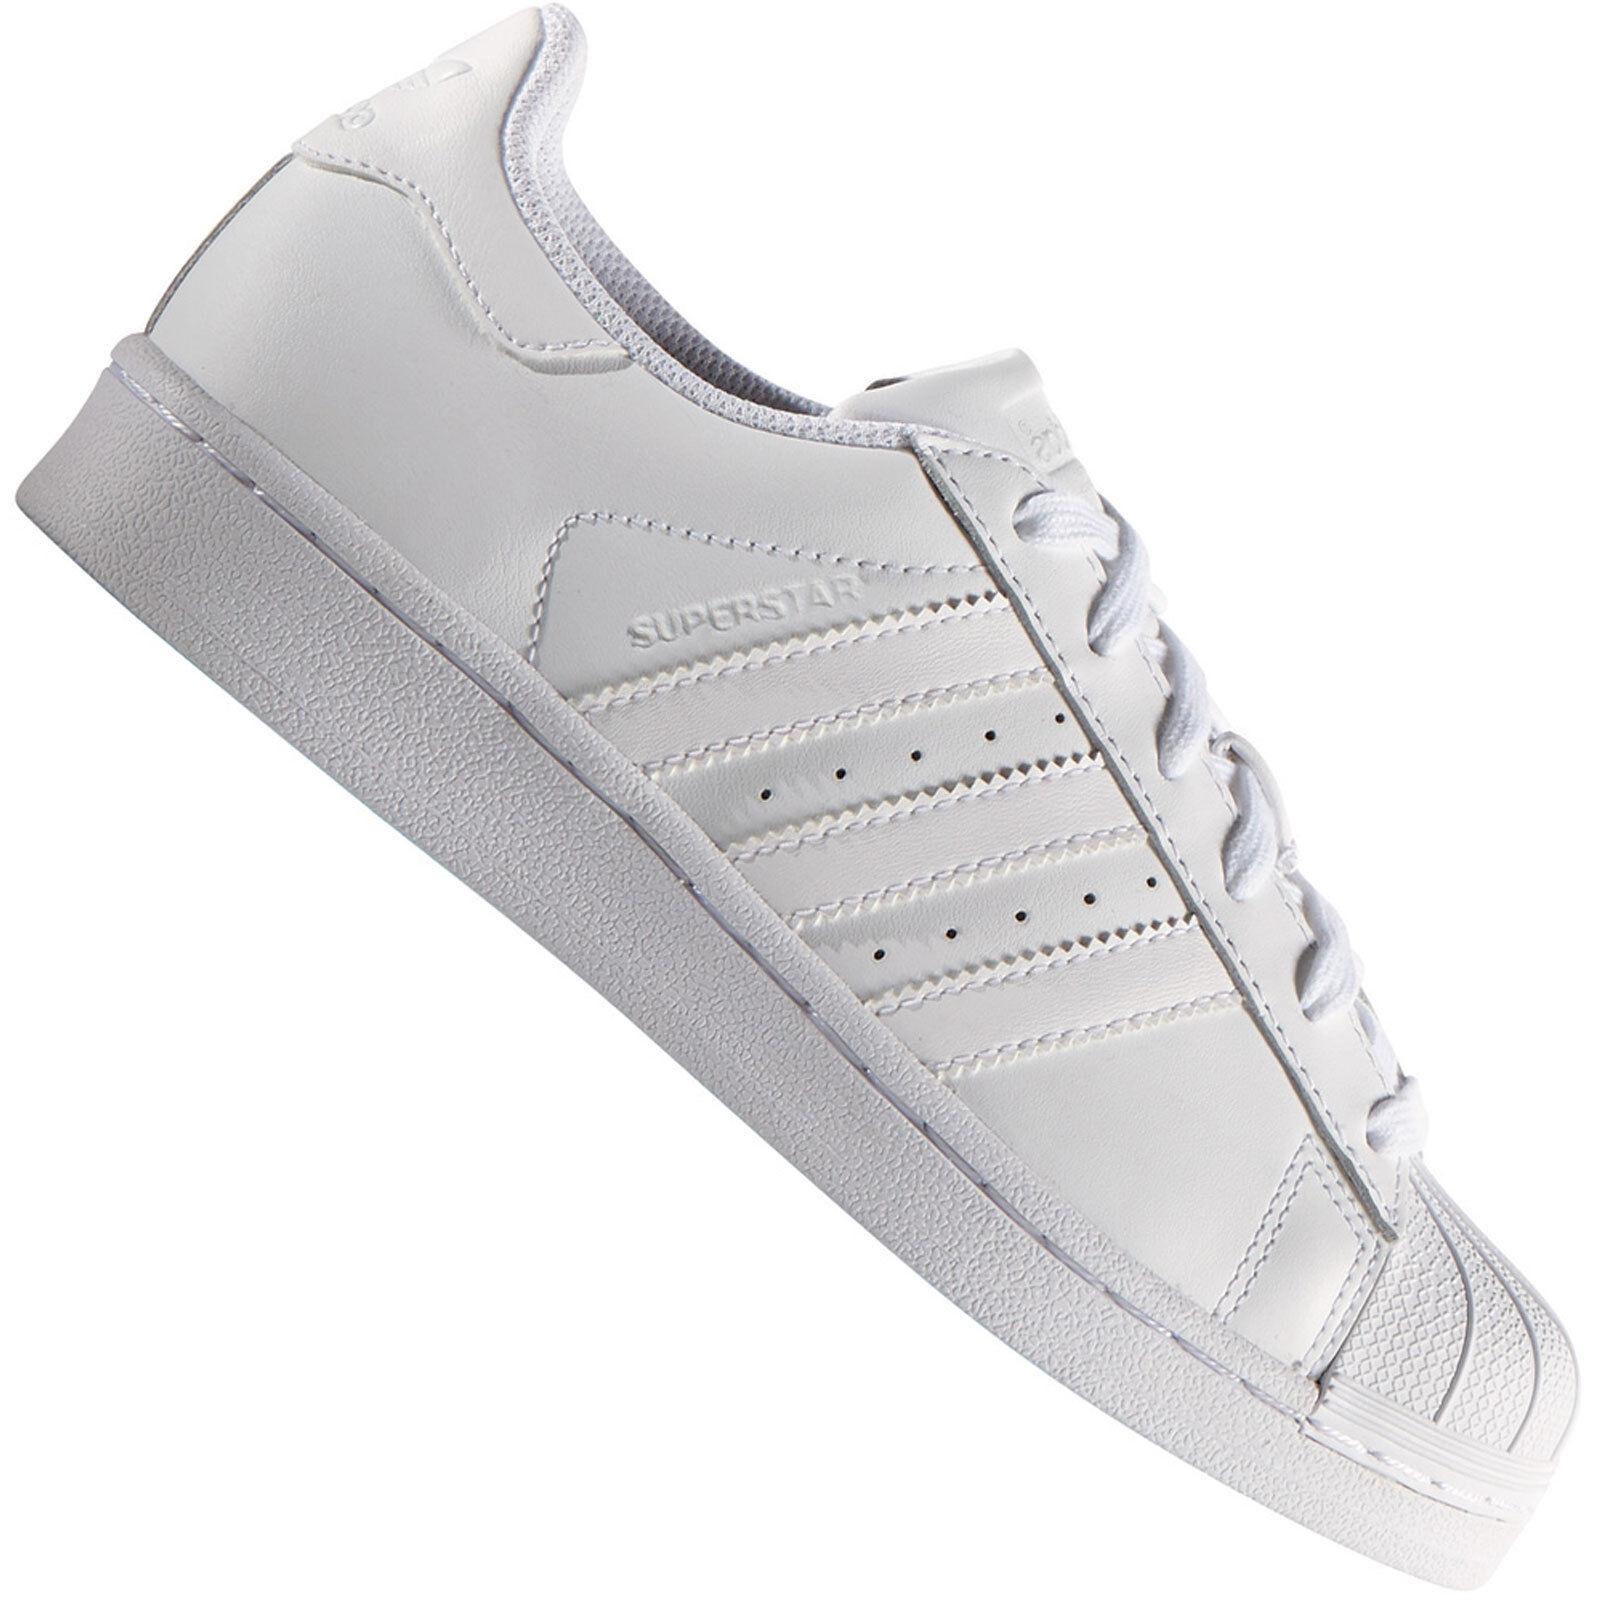 Adidas Superstar Fondotinta women men shoes da Ginnastica Basse